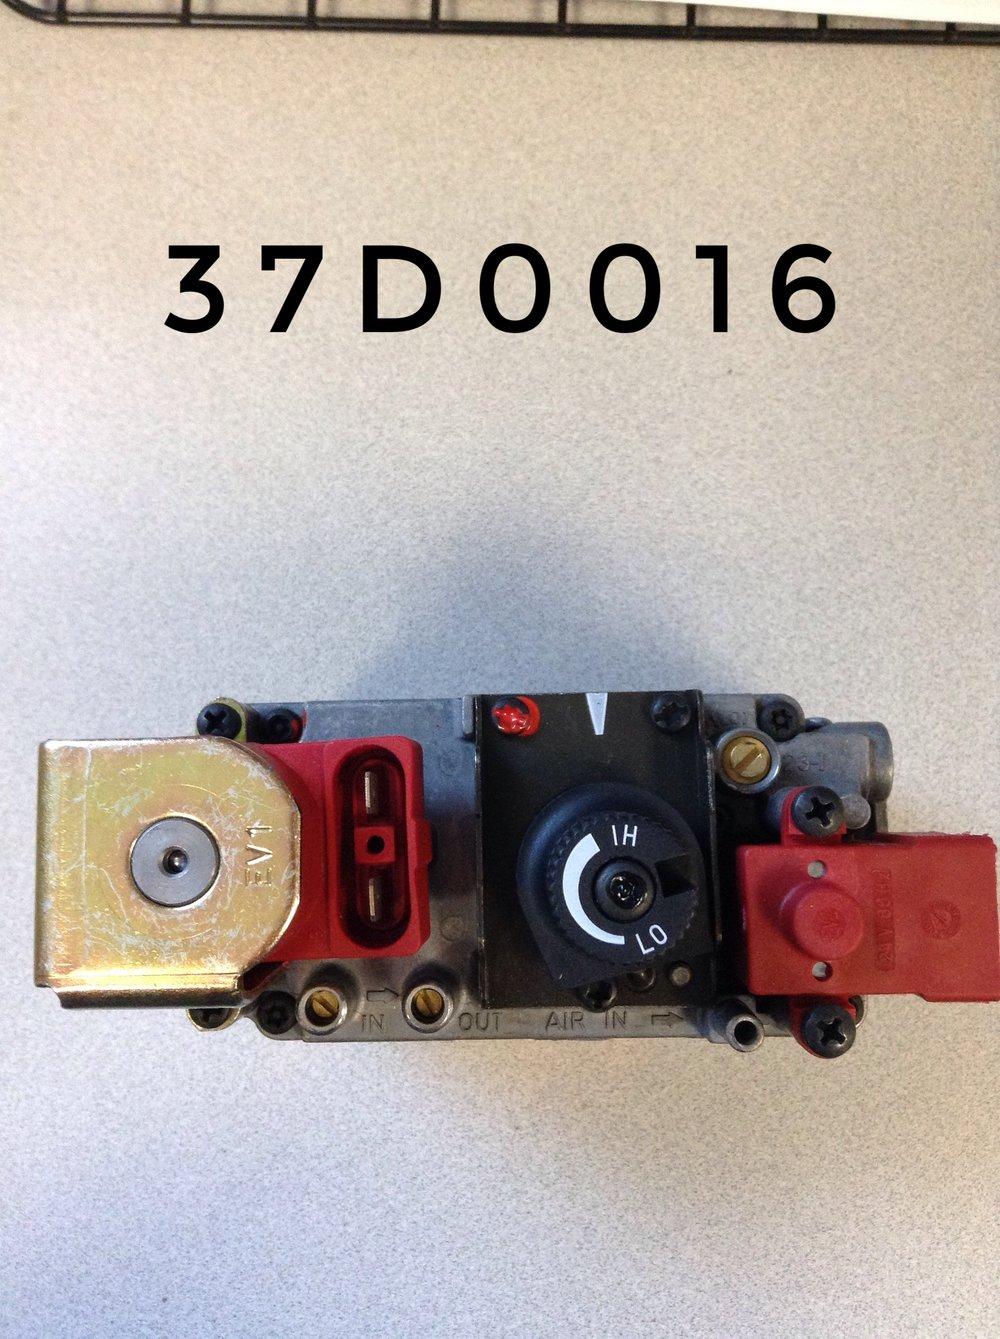 37D0016 (1).JPG